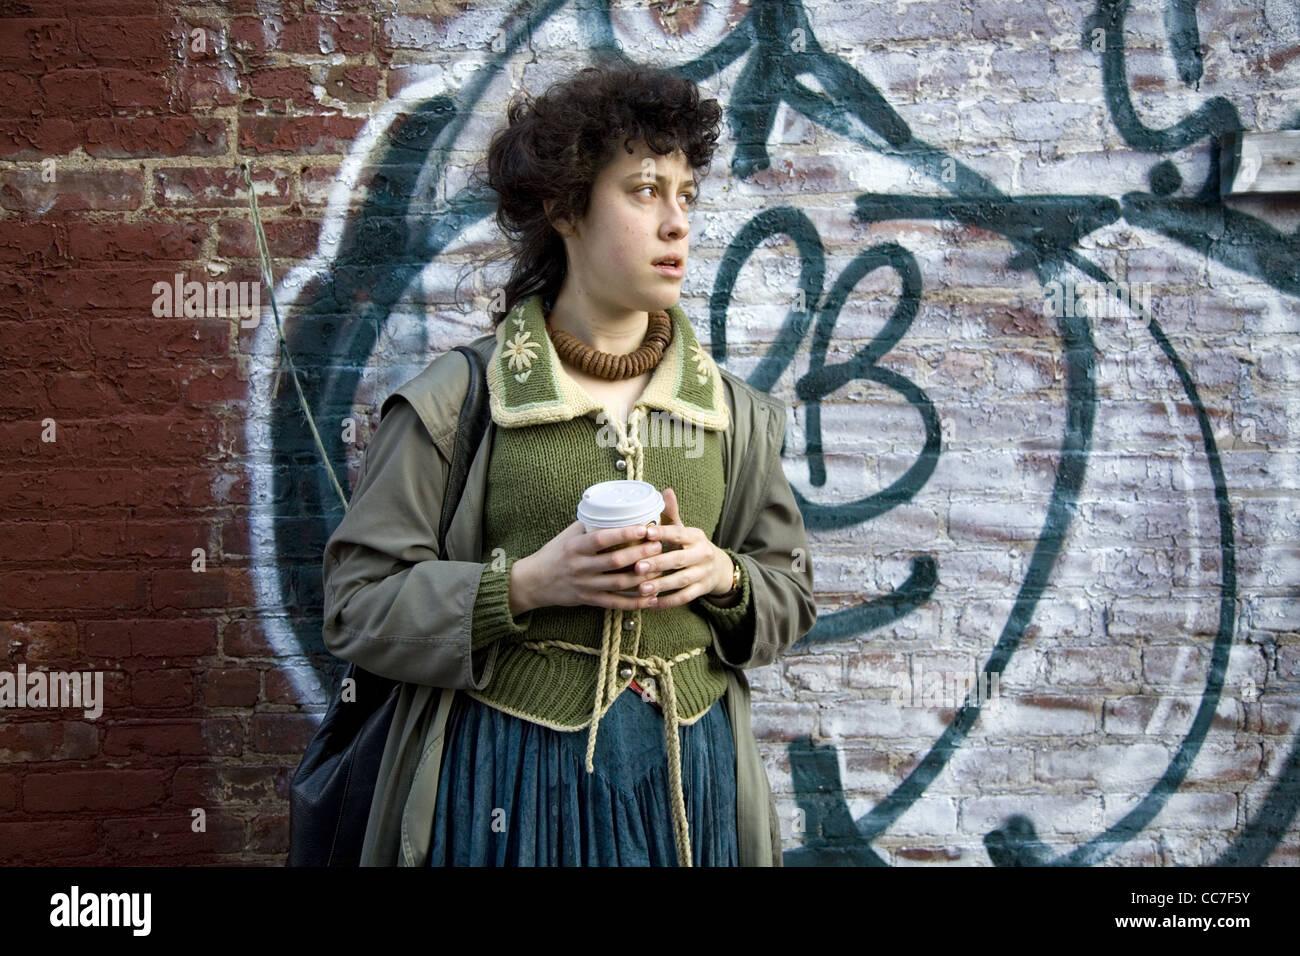 Mujer joven con una taza de café, Brooklyn, Nueva York. Imagen De Stock